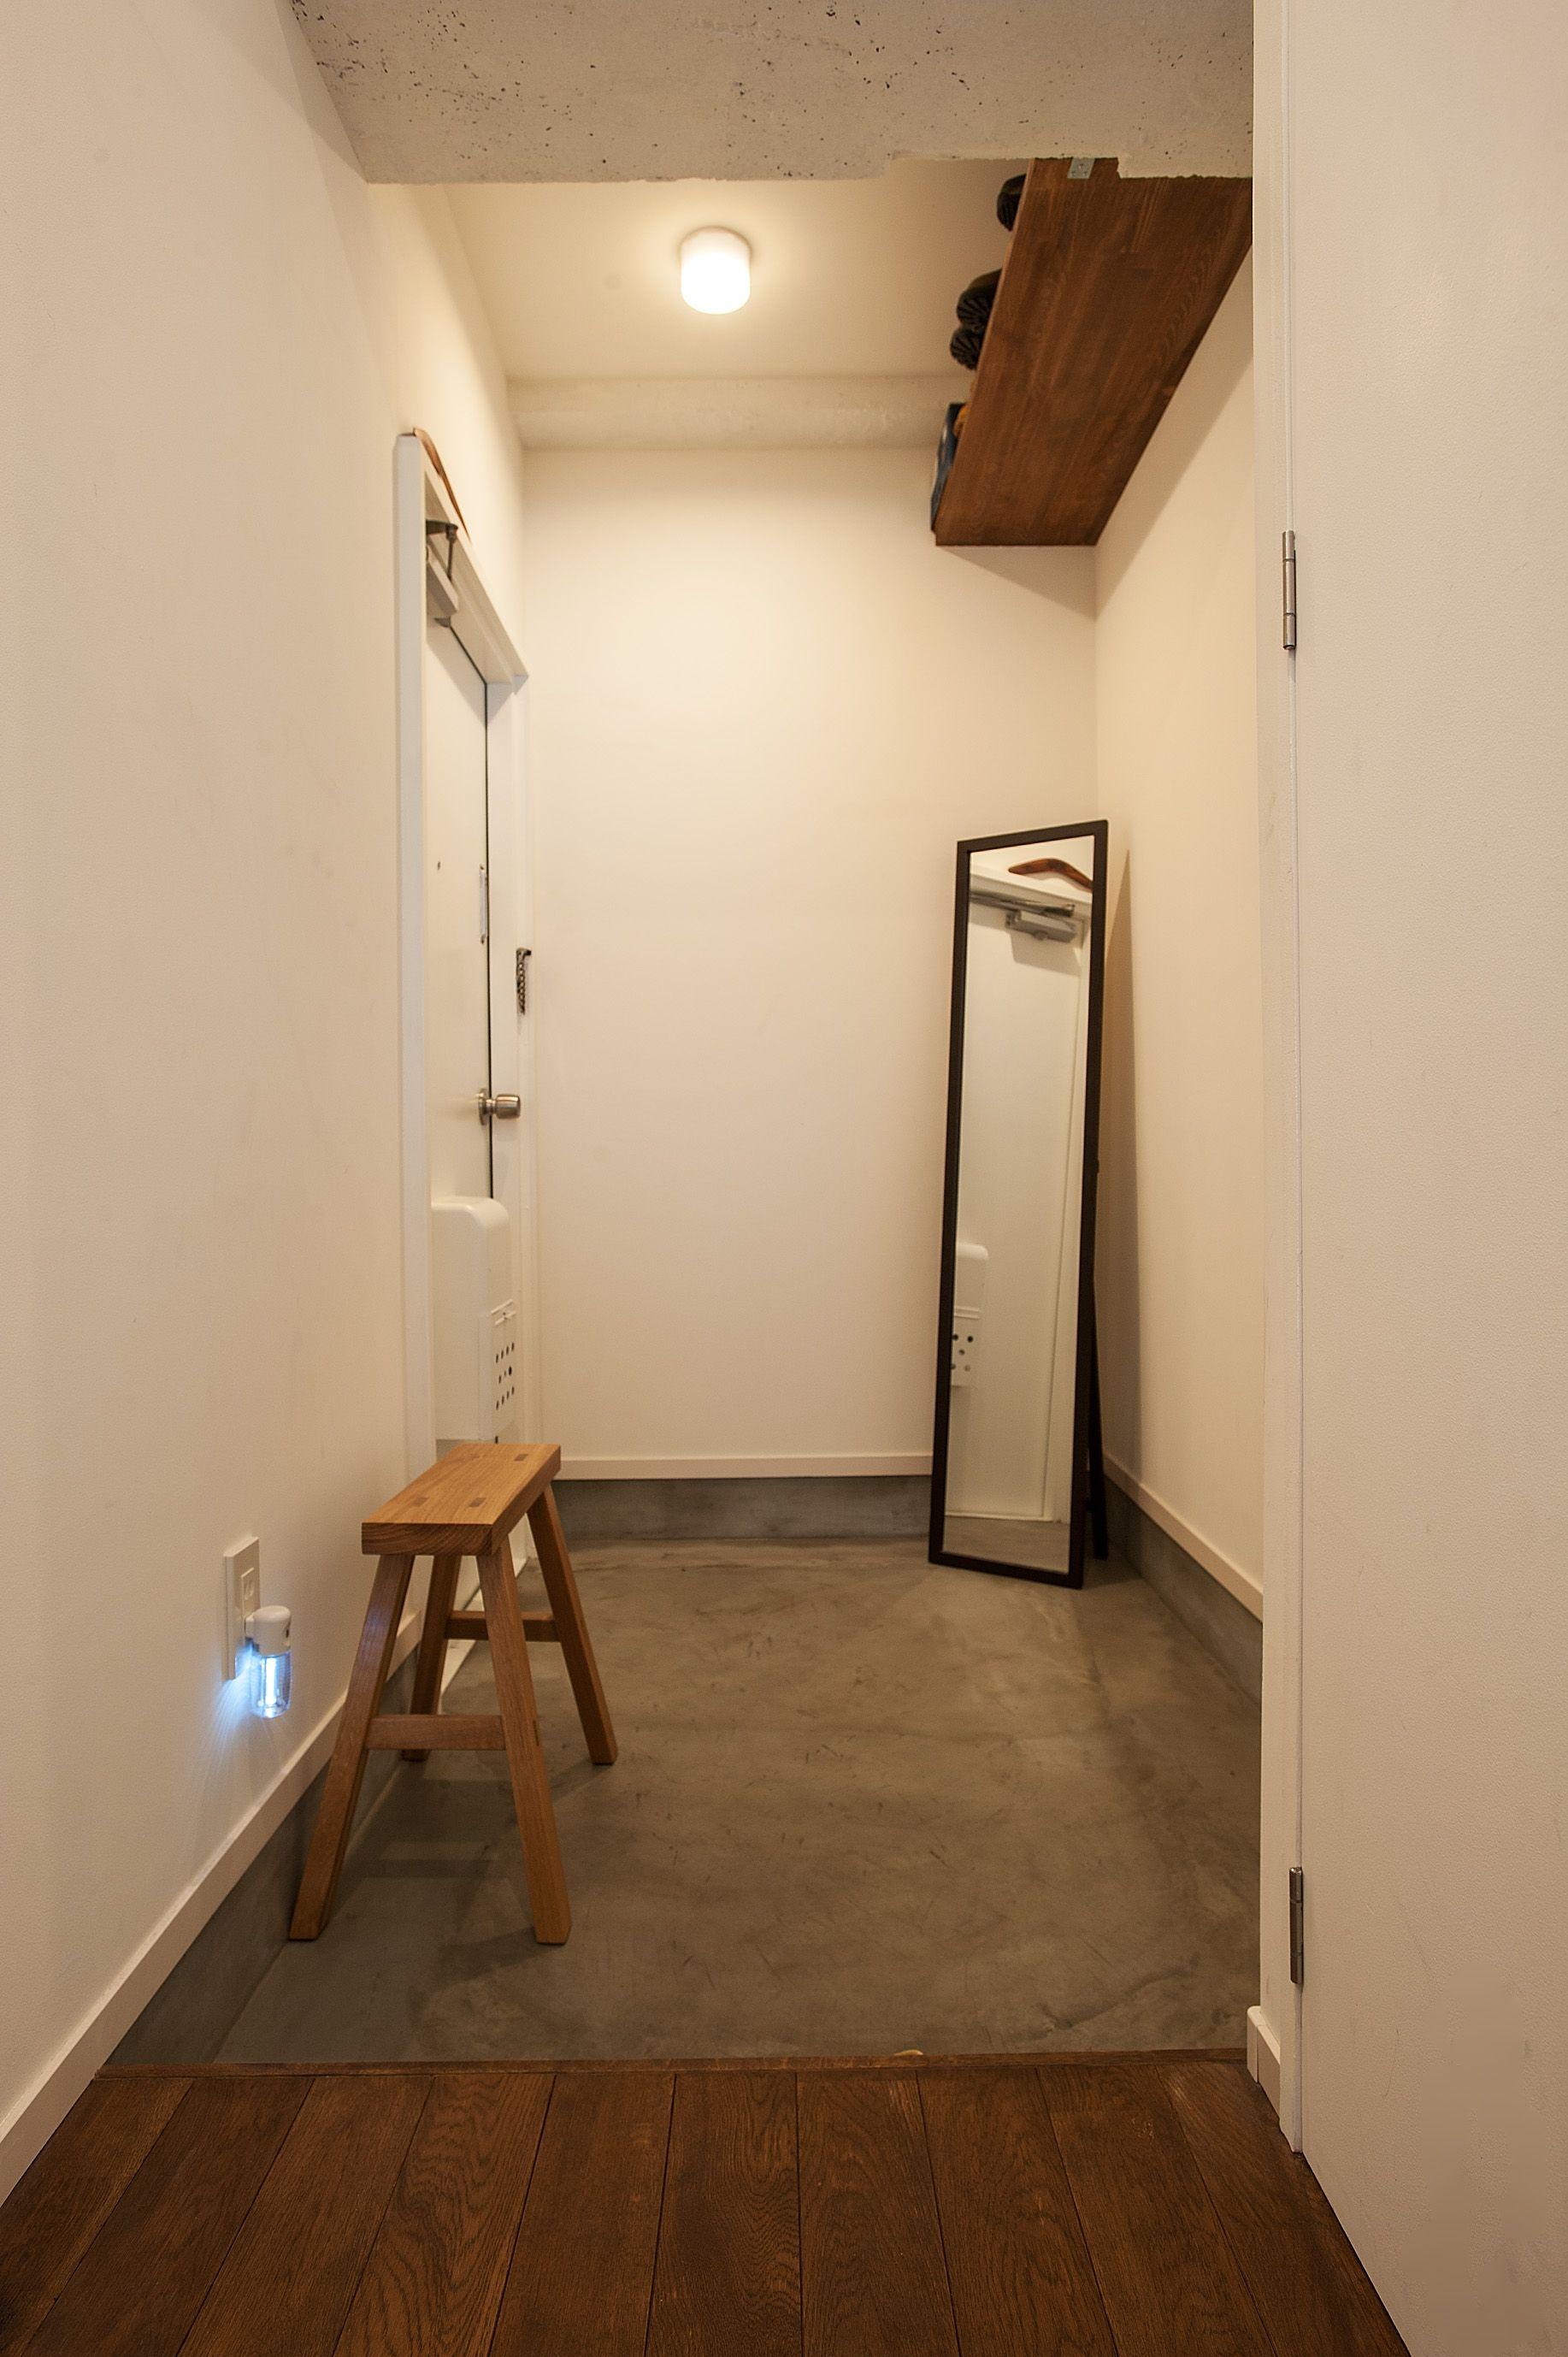 土間の玄関 土間 玄関 腰掛椅子 リノベーション 横浜リノベーション